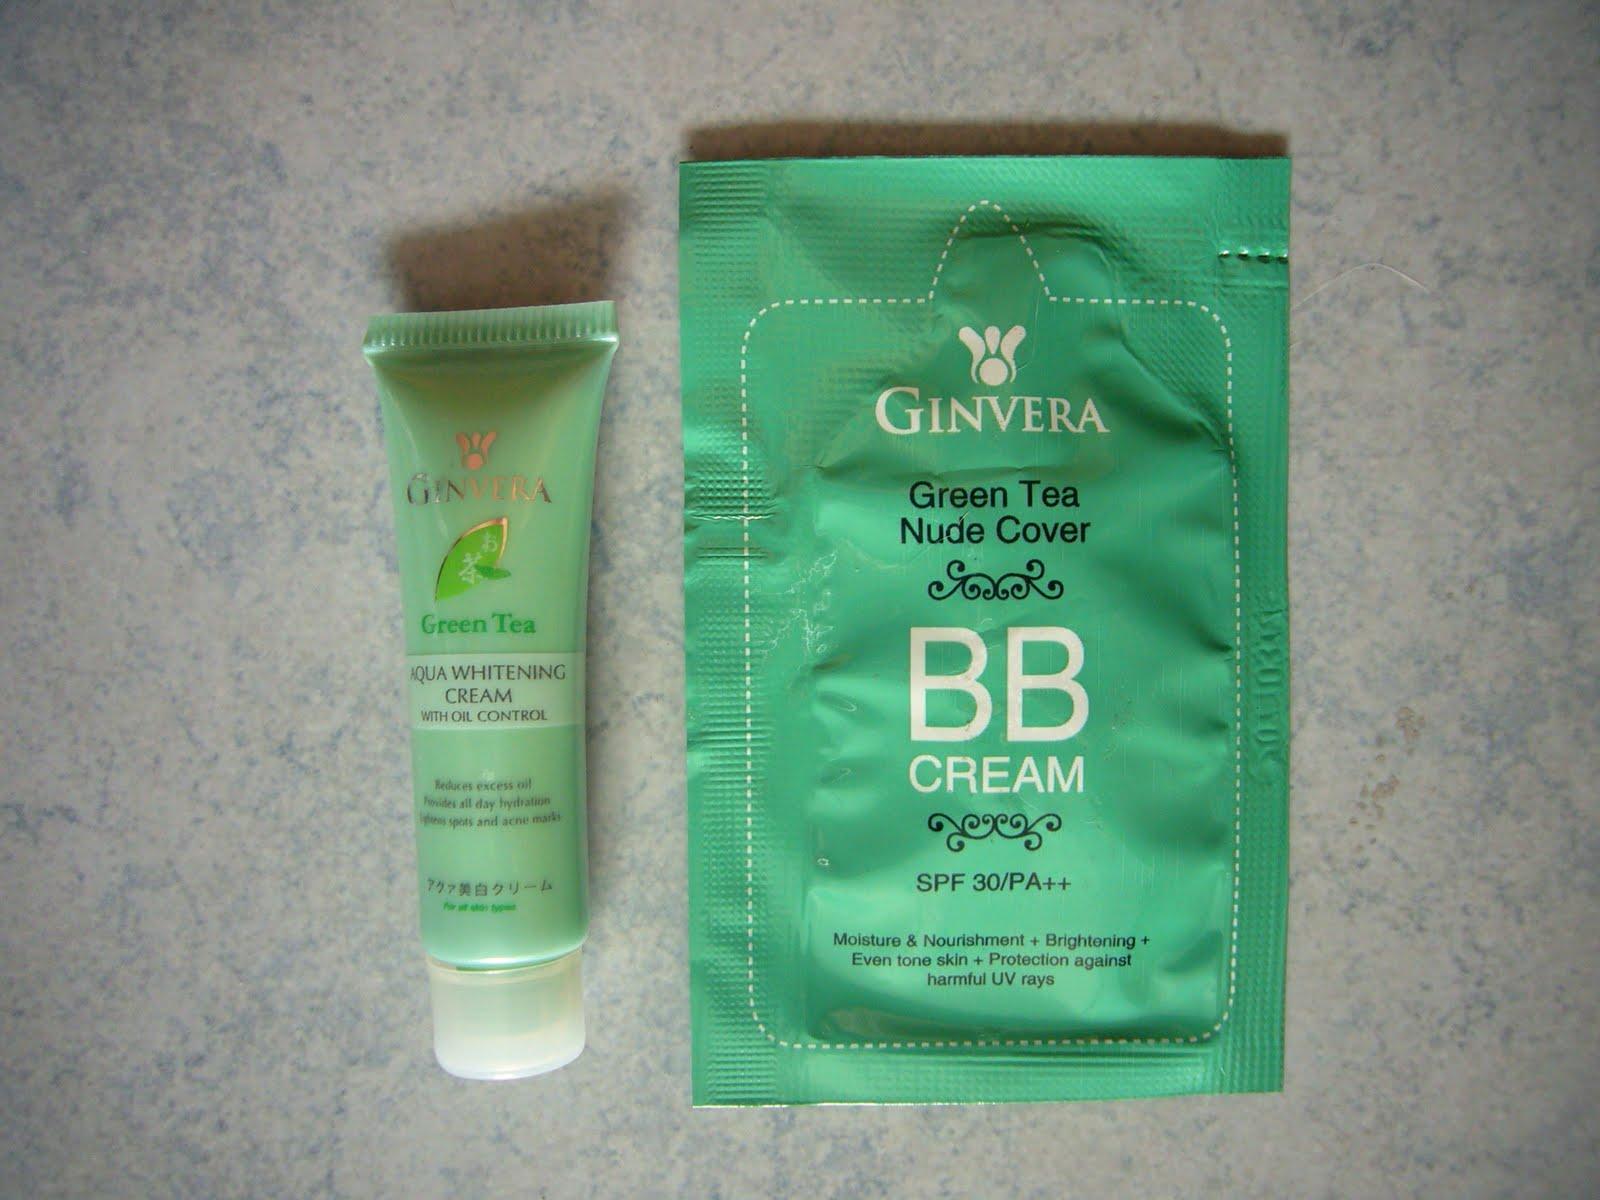 sparklyvodka: Ginvera Green Tea Nude Cover BB Cream SPF 30